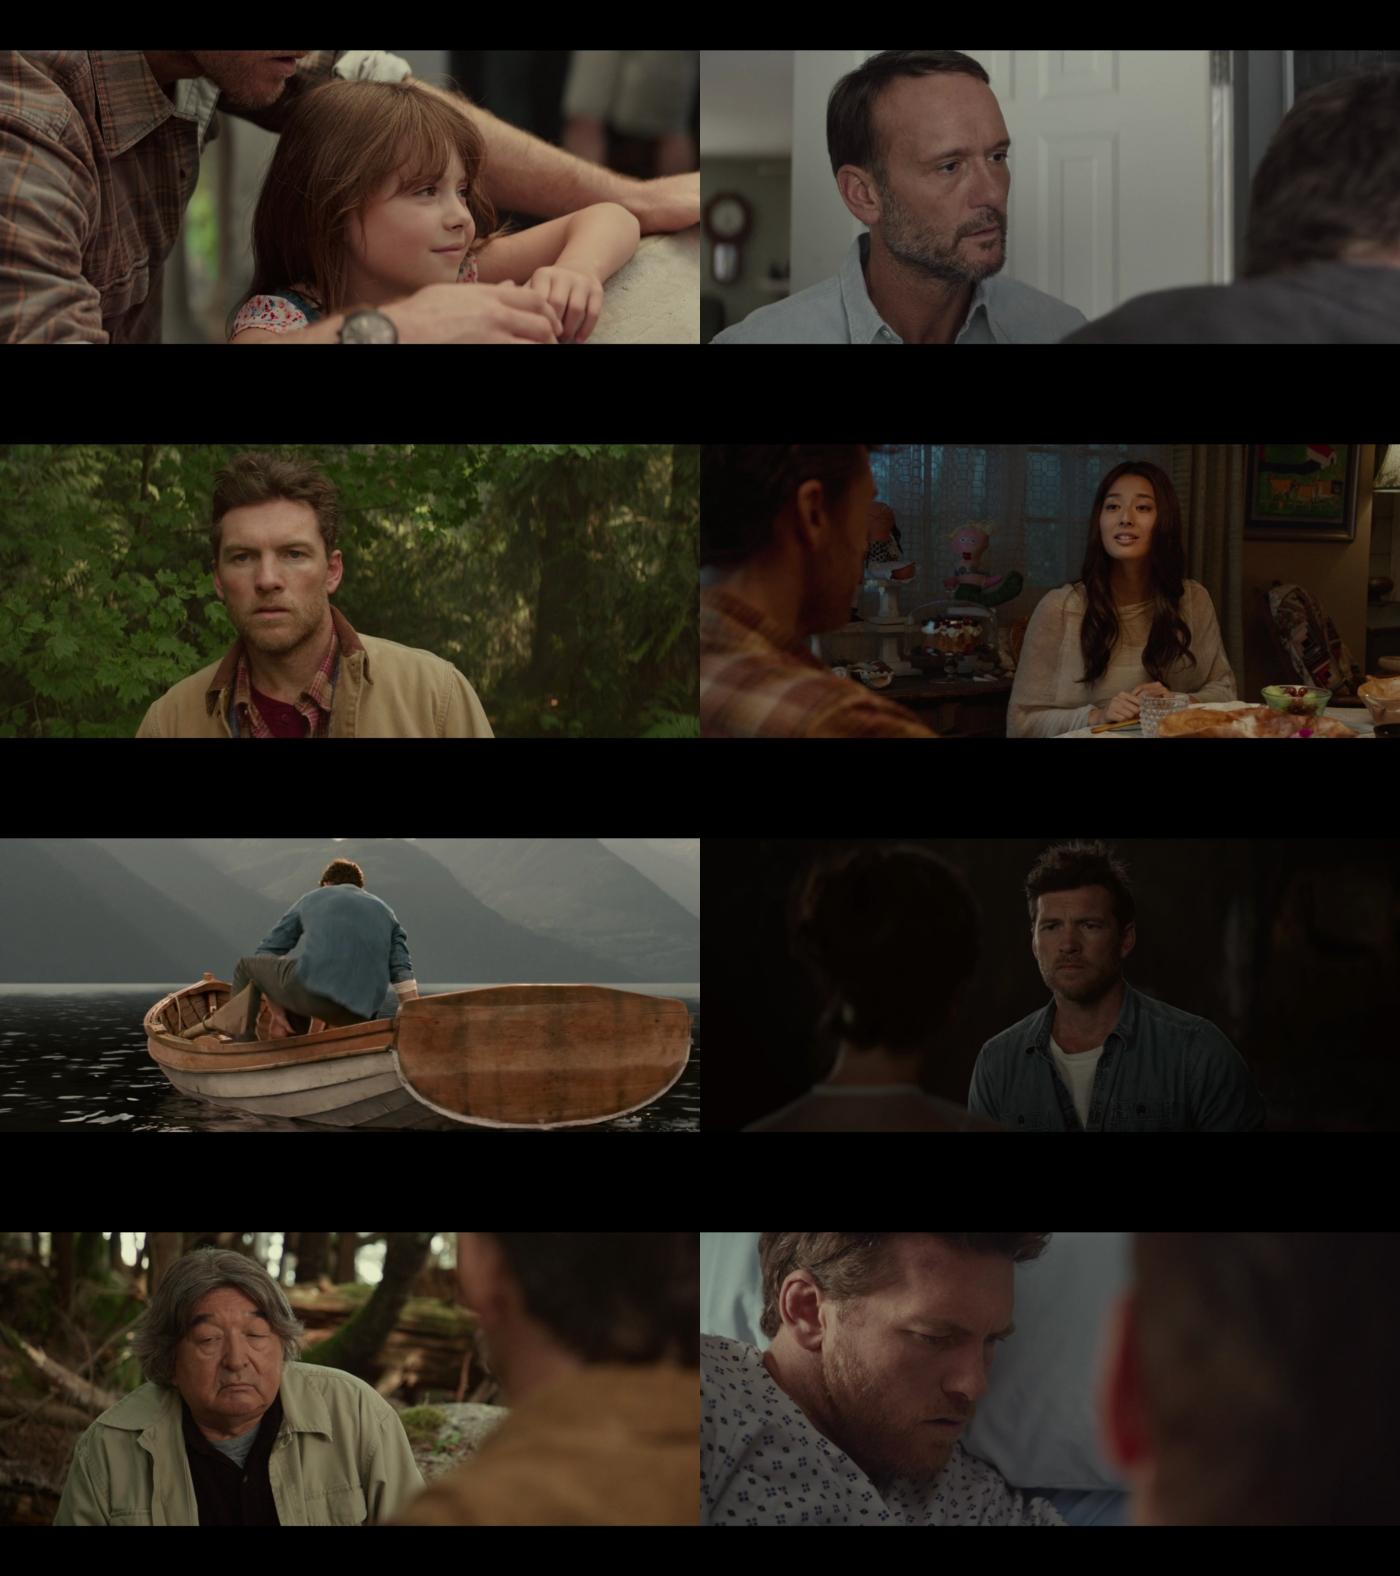 La Cabaña 1080p